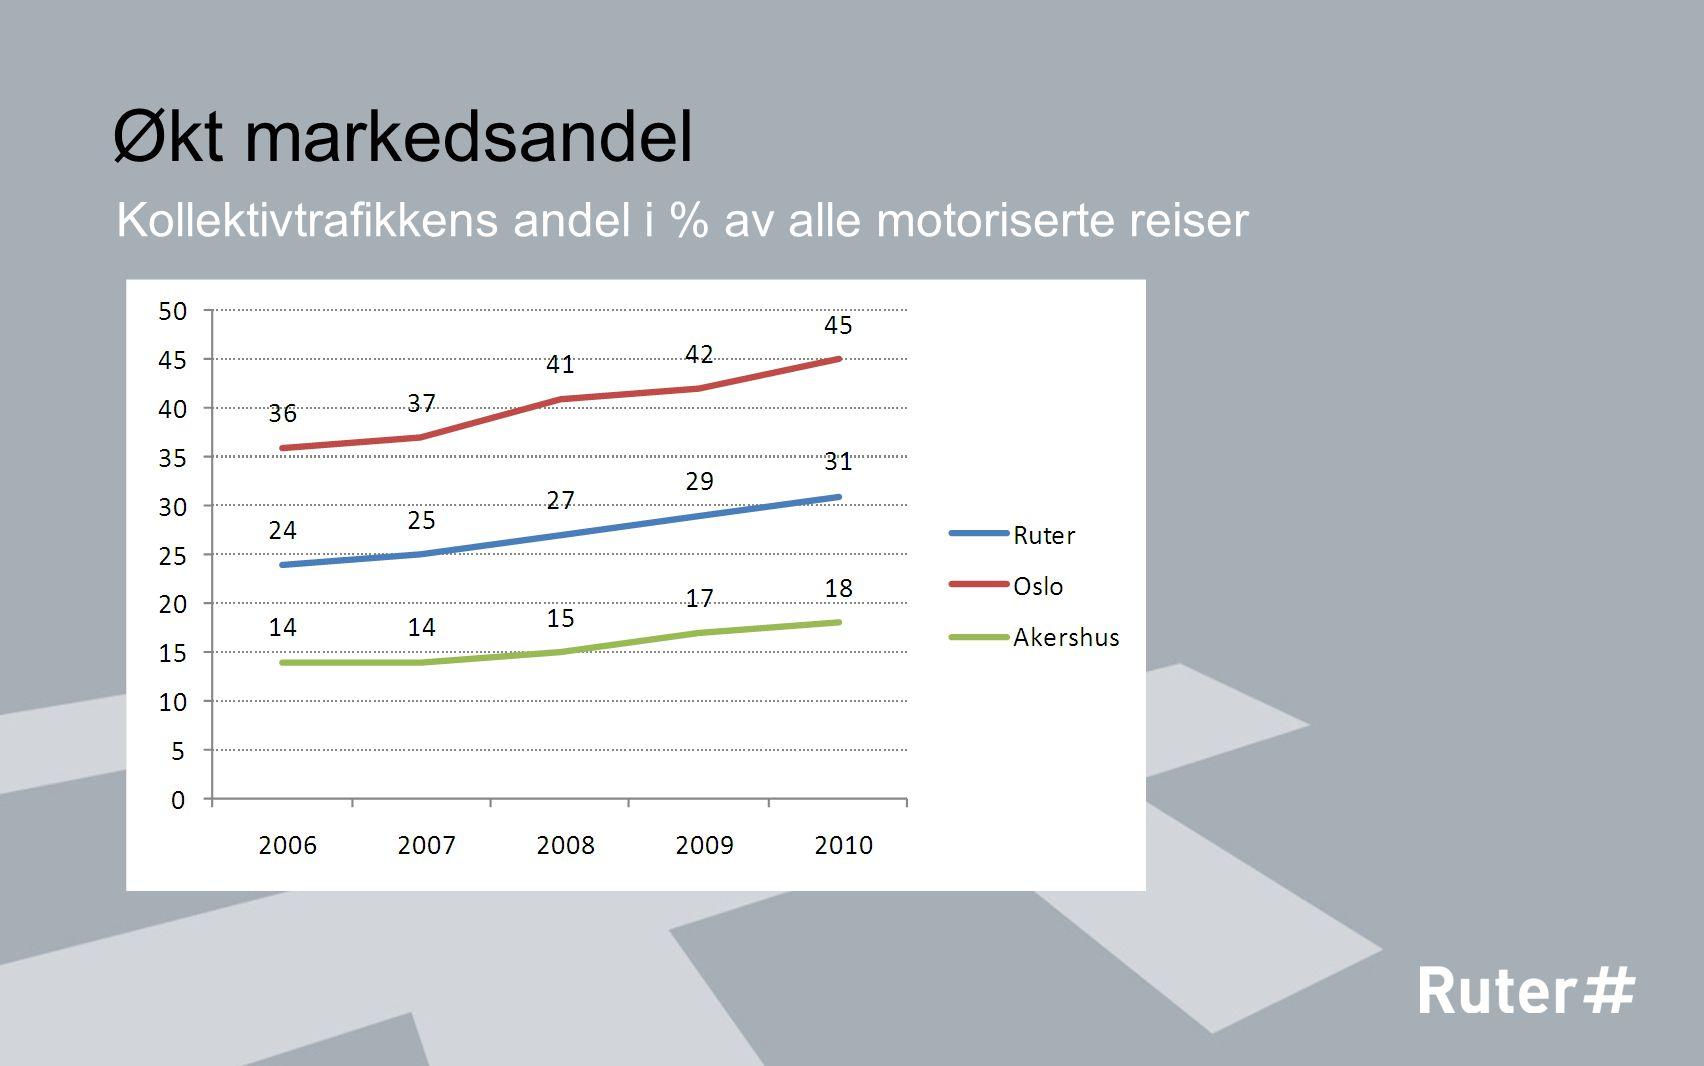 Økt markedsandel Kollektivtrafikkens andel i % av alle motoriserte reiser